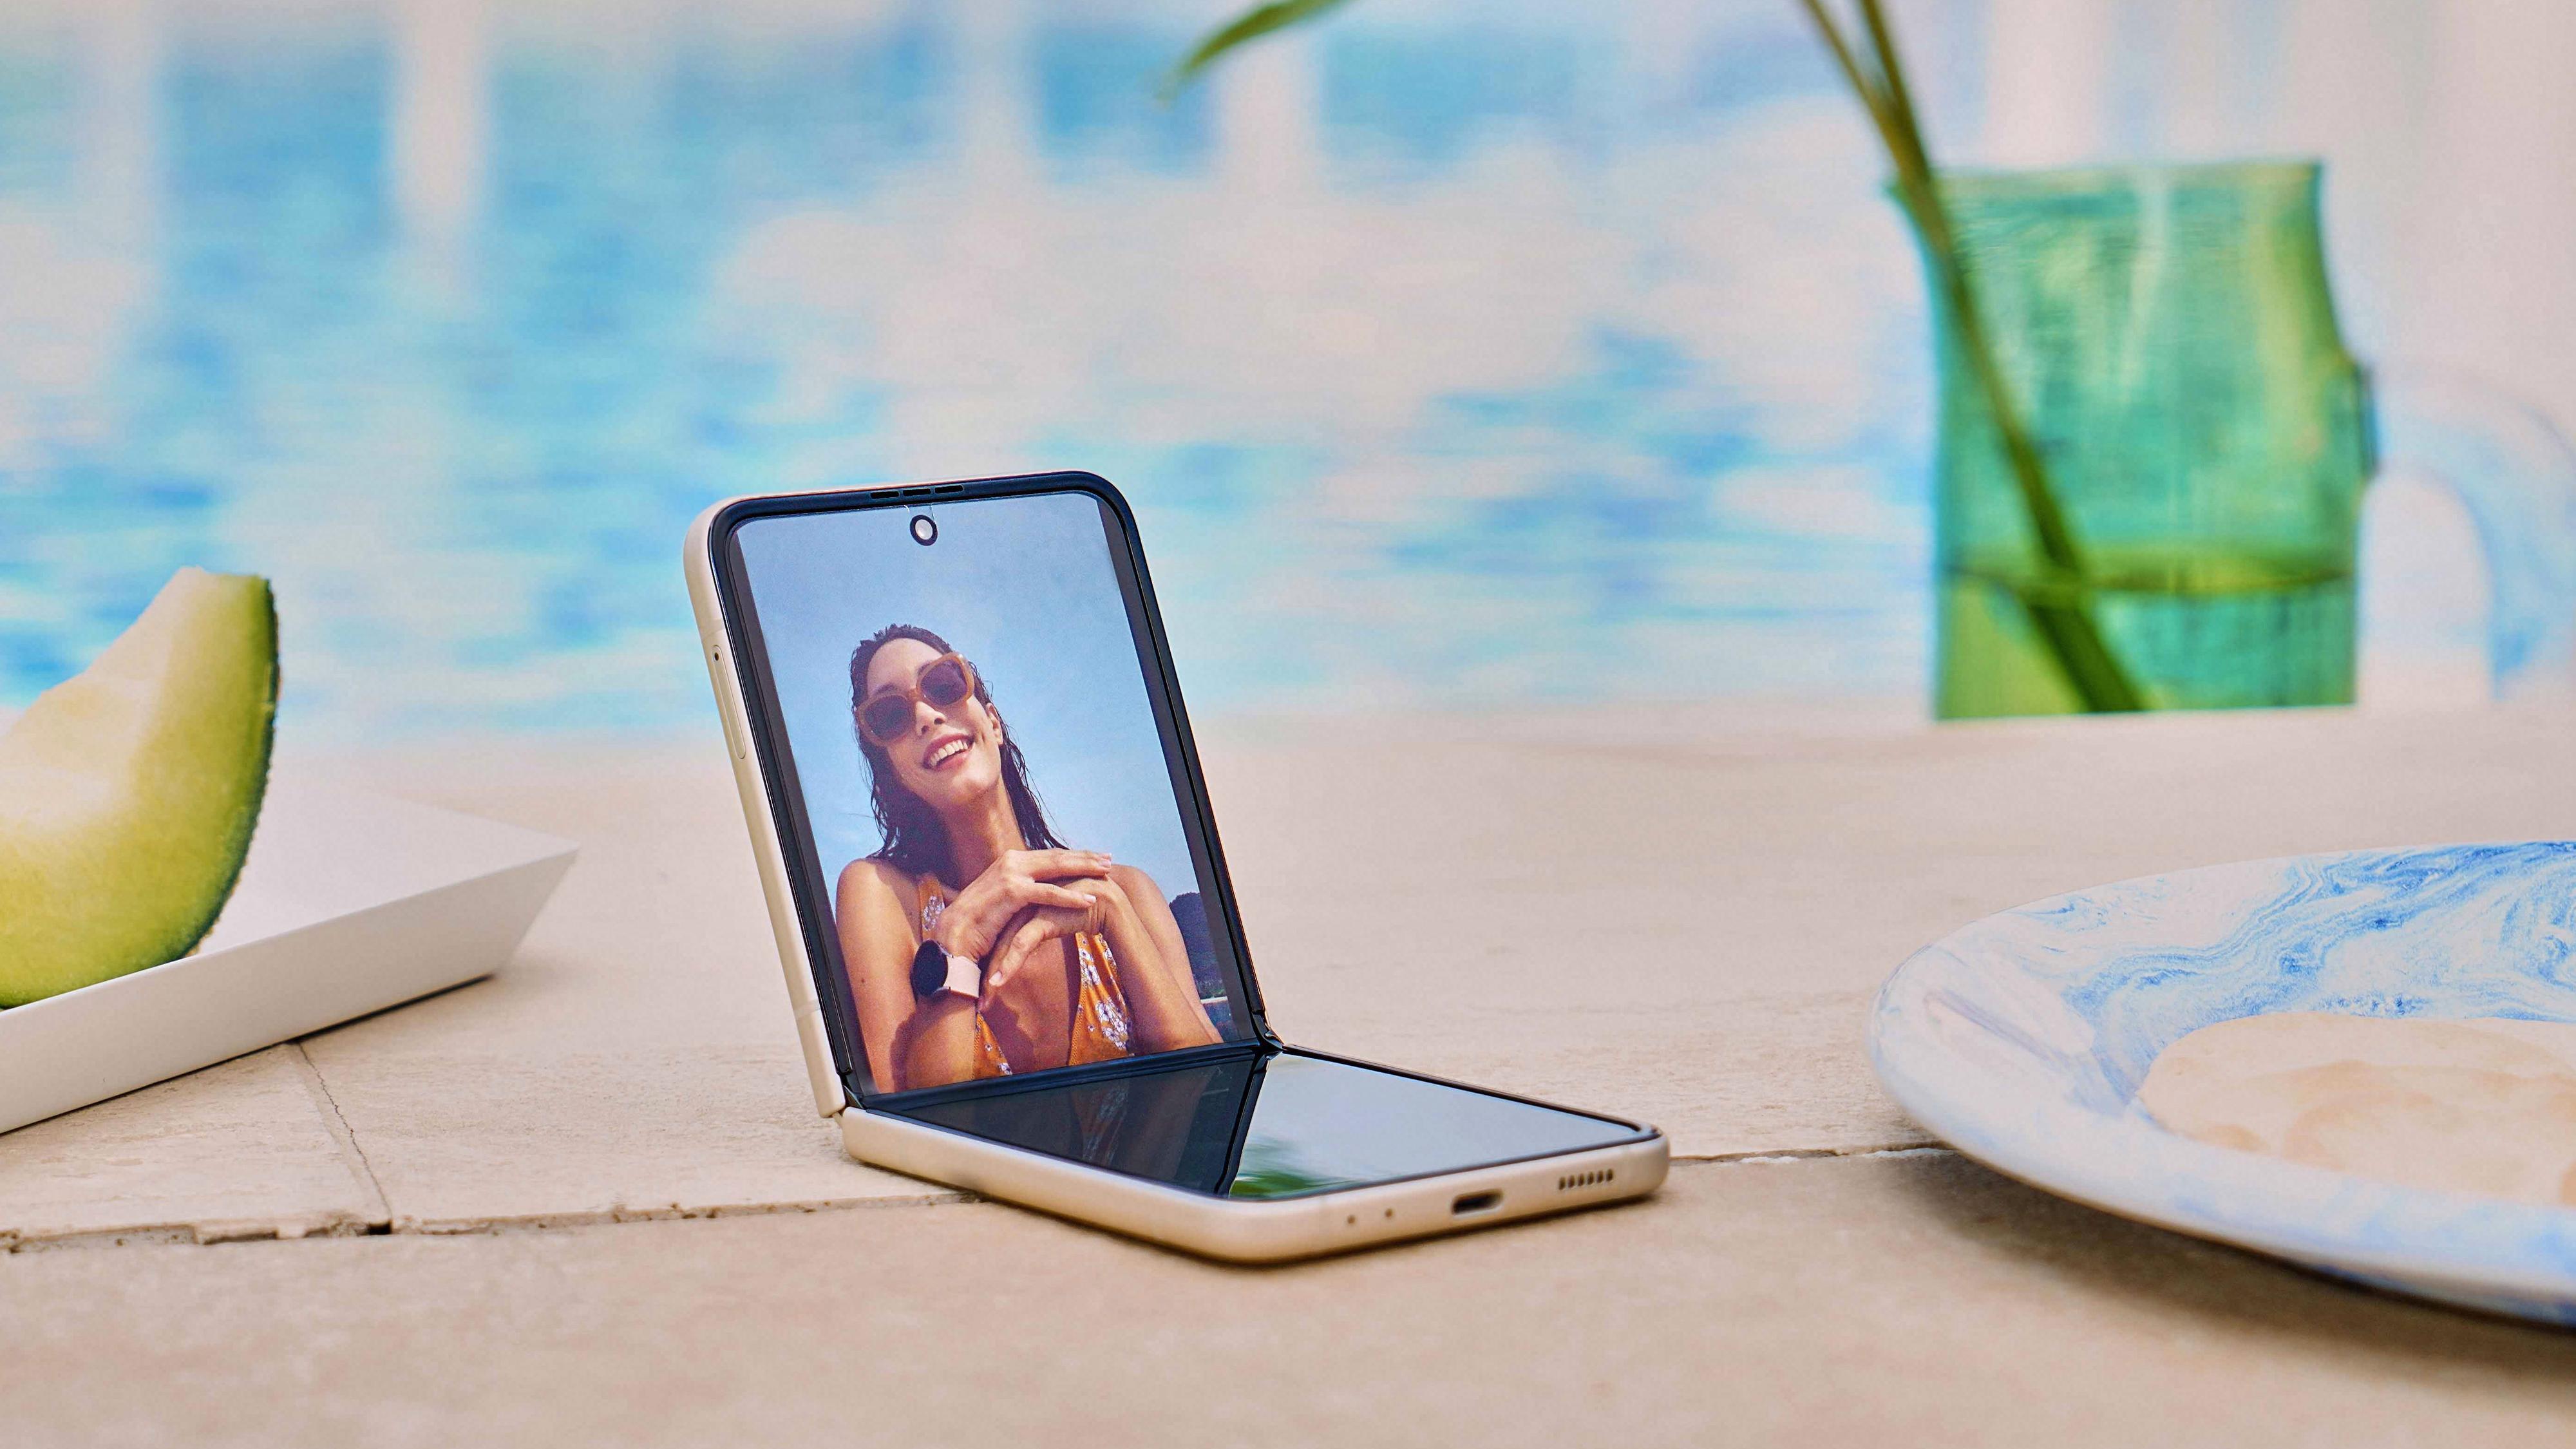 Galaxy Z Flip 3 vil koste 11500 kroner, og dermed bli ganske «billig» til brettemobil å være - den kan sammenliknes med «vanlige» Galaxy S21-er eller iPhone 12-er. Brettemobilene er altså nede i toppmodellpriser etter et par år som ekstremt dyre.